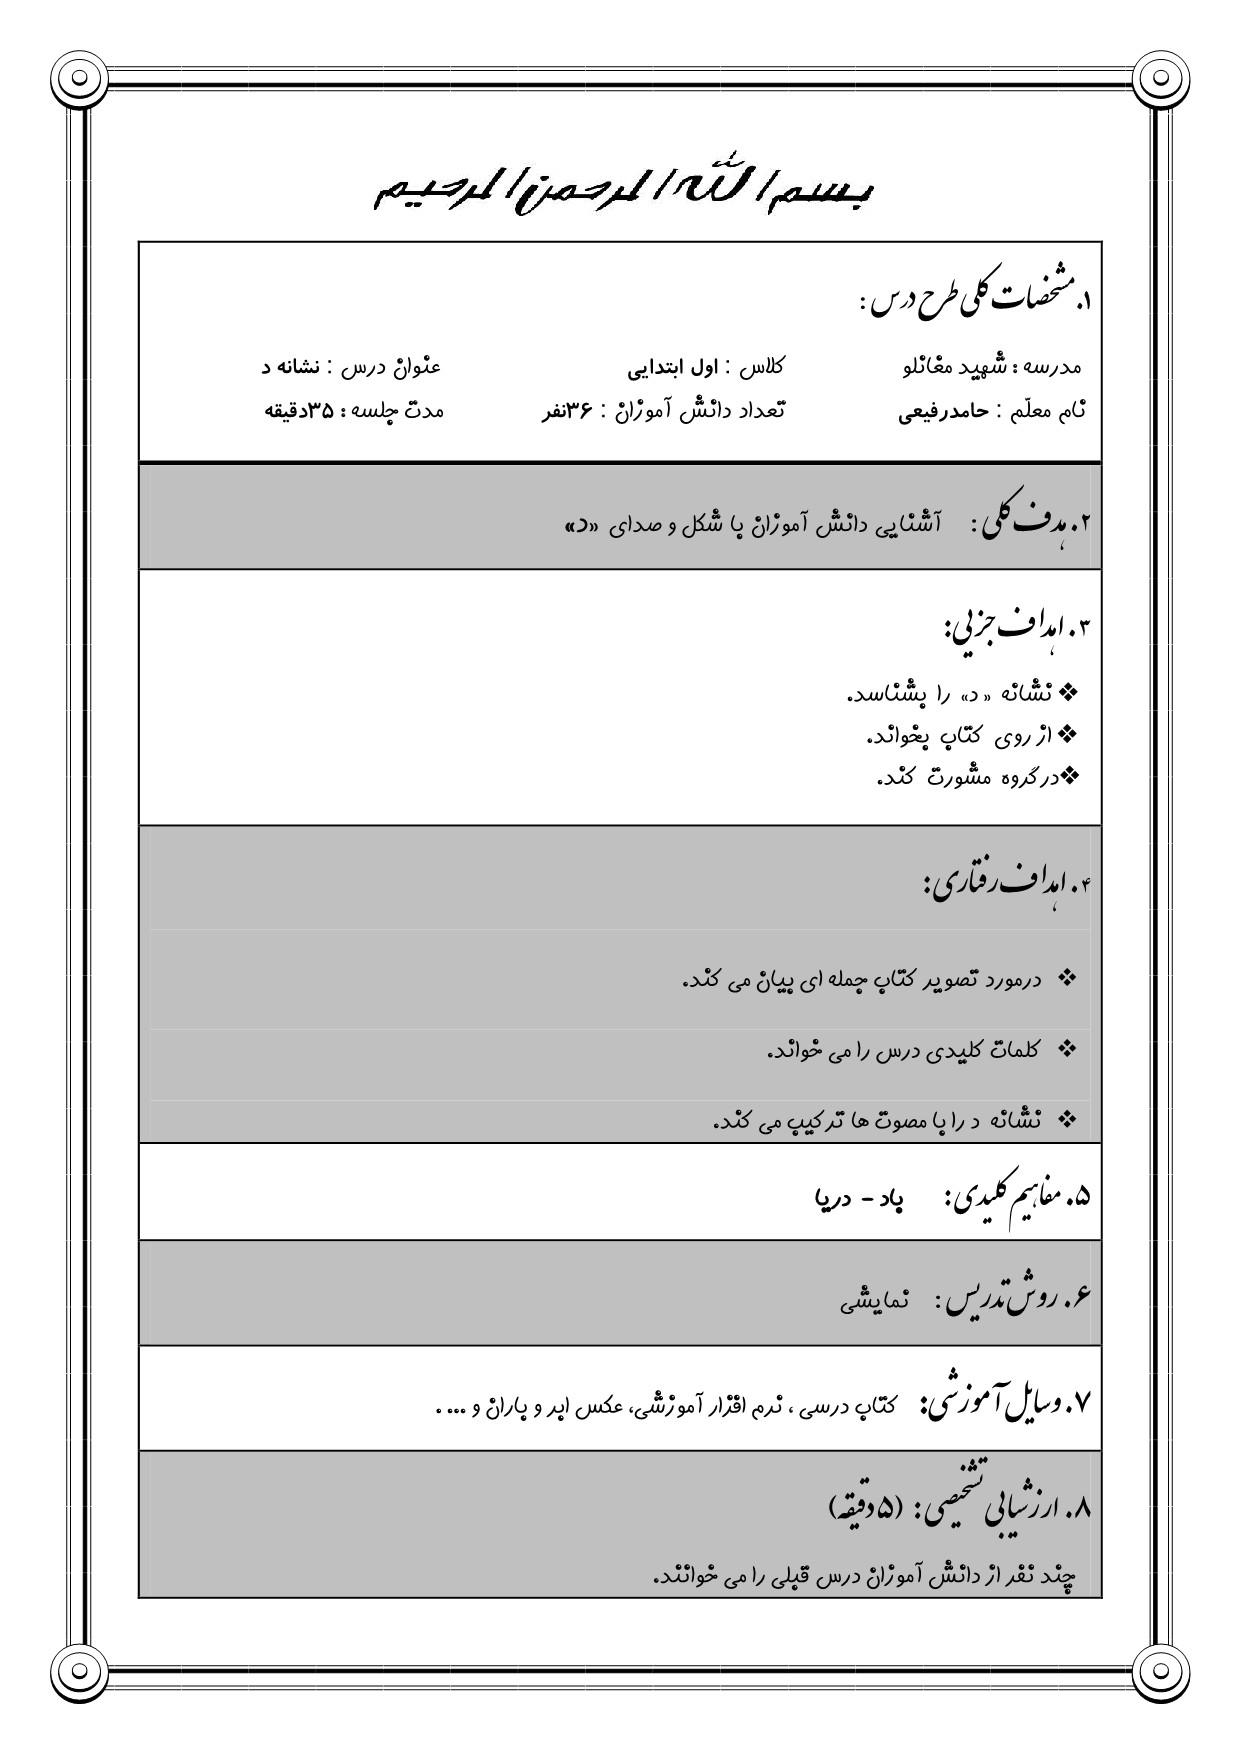 تلگرام چهارم ابتدایی آموزگار ابتدایی : اول تا ششم - دانلود+طرح درس کتاب فارسی ...